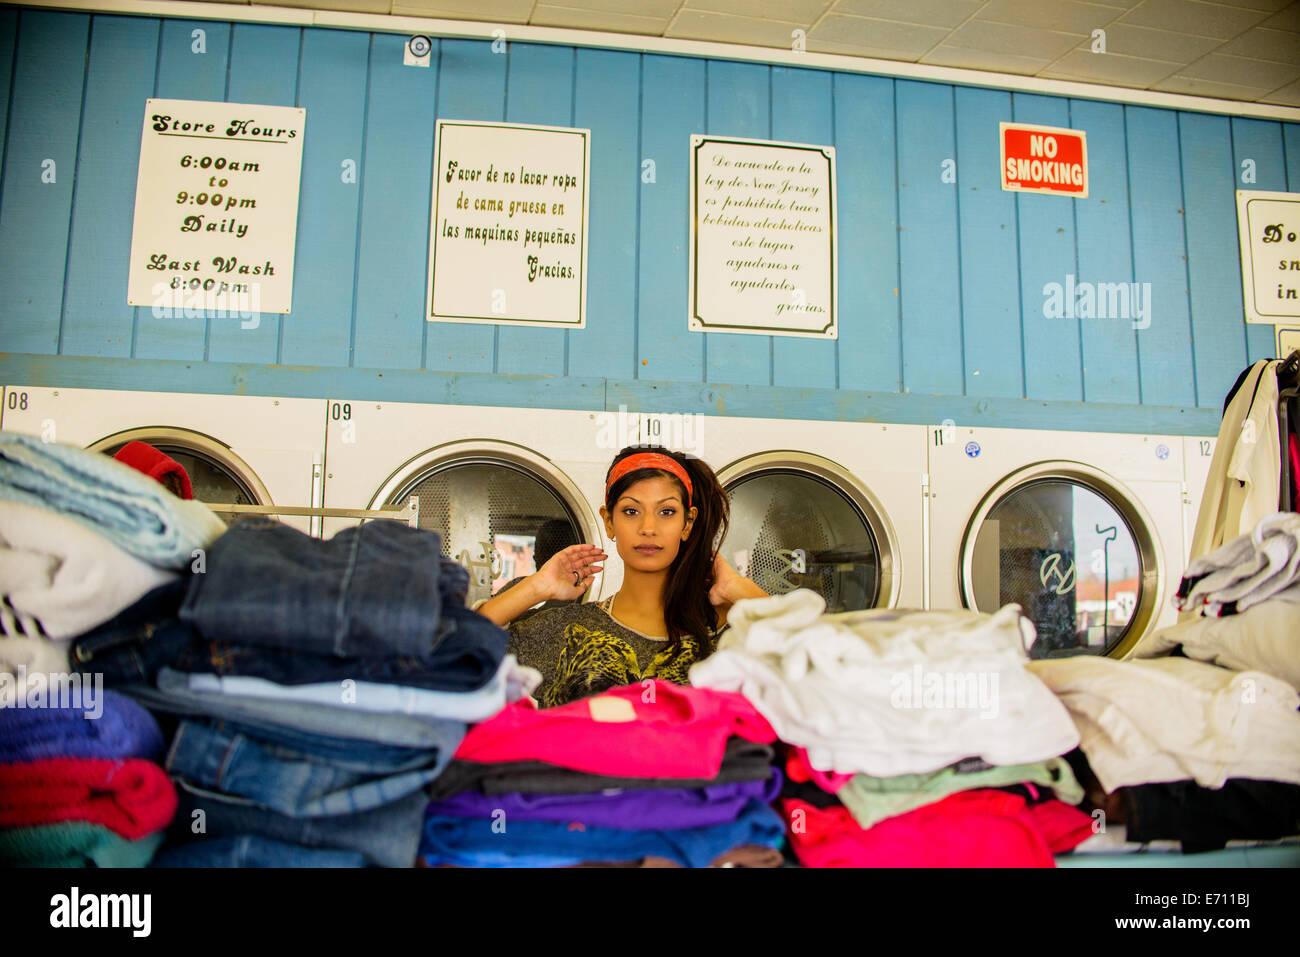 Giovane donna in lavanderia a gettoni, in piedi dietro pile di servizio lavanderia Immagini Stock